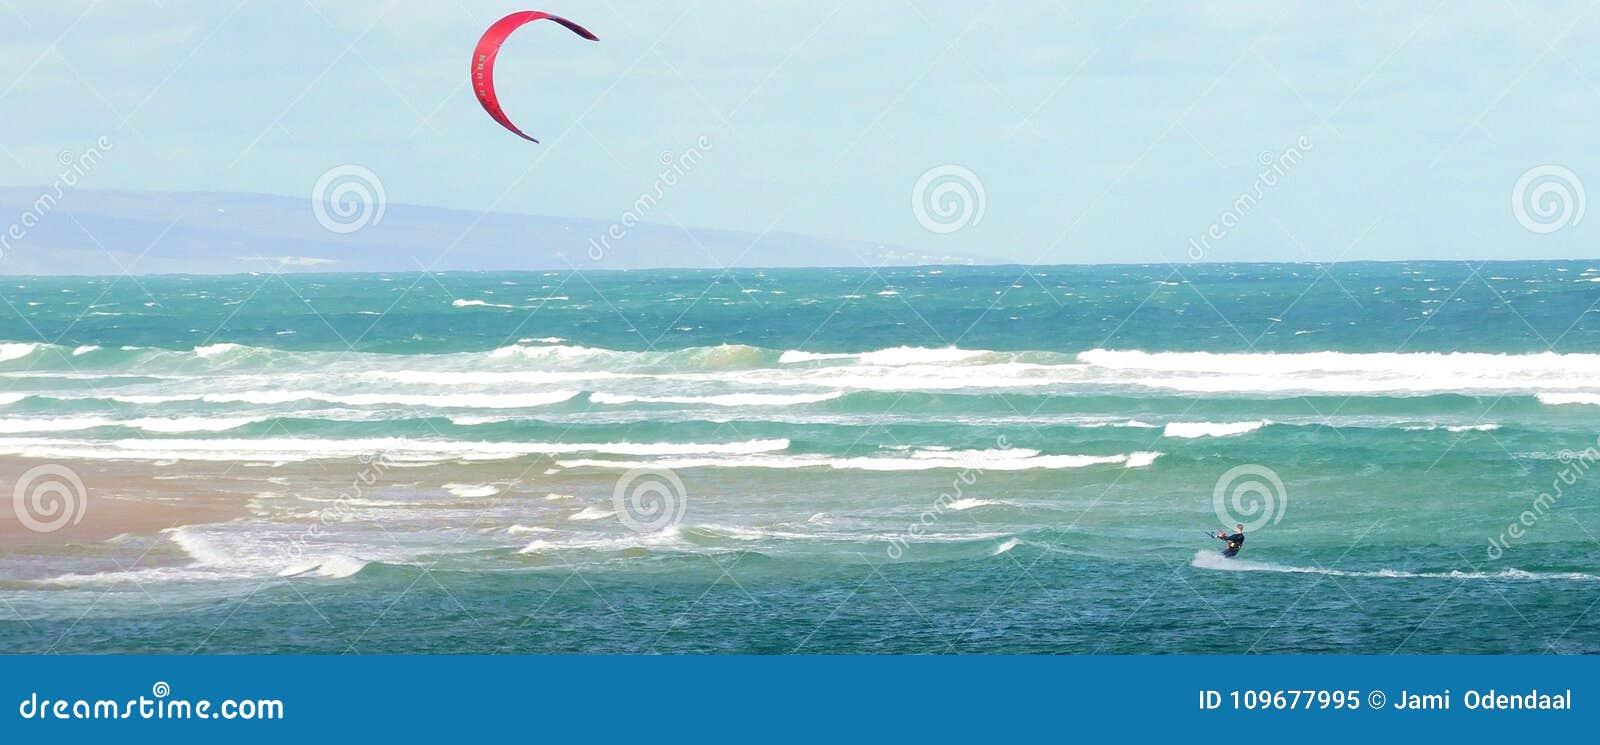 Papagaio que surfa fora da costa